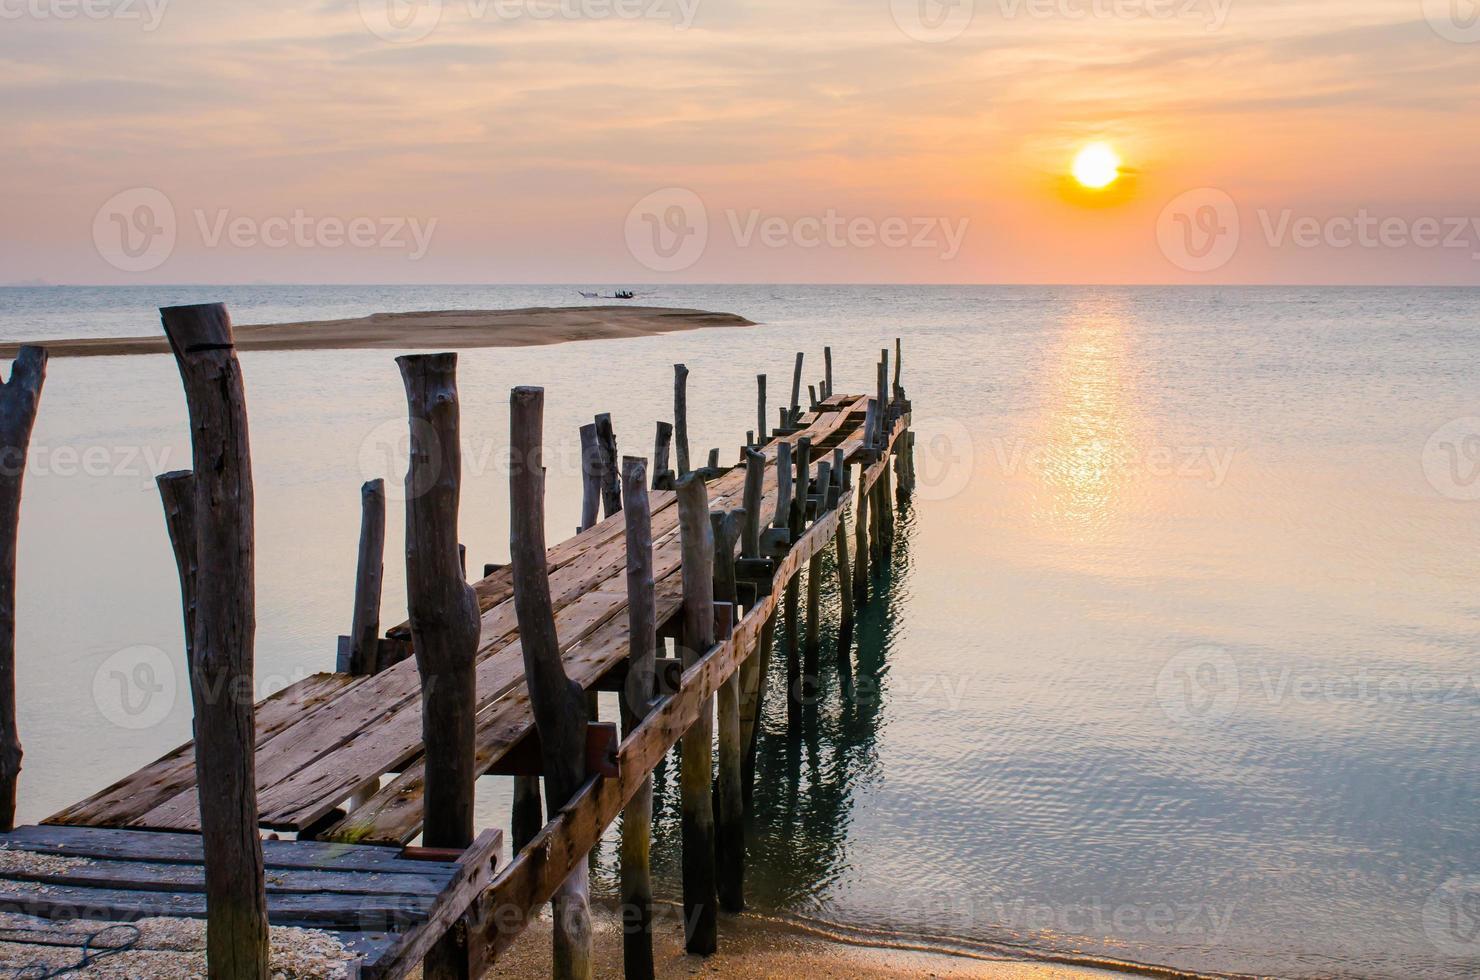 Sonnenuntergang mit alter Ruine des Piers. foto